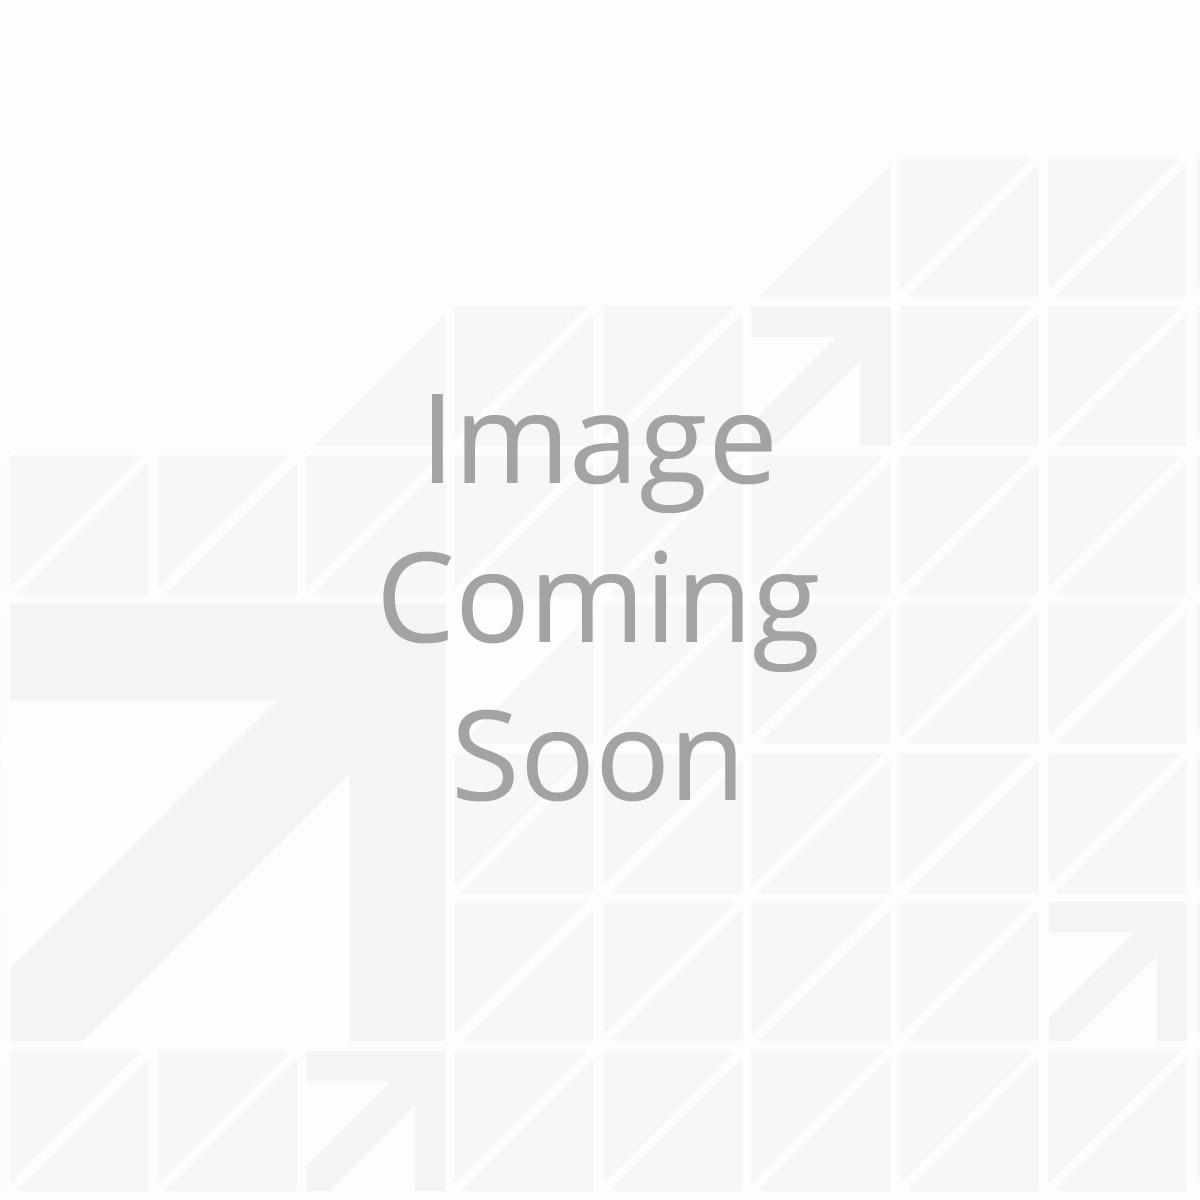 298279_8K-Brake-Assy_001